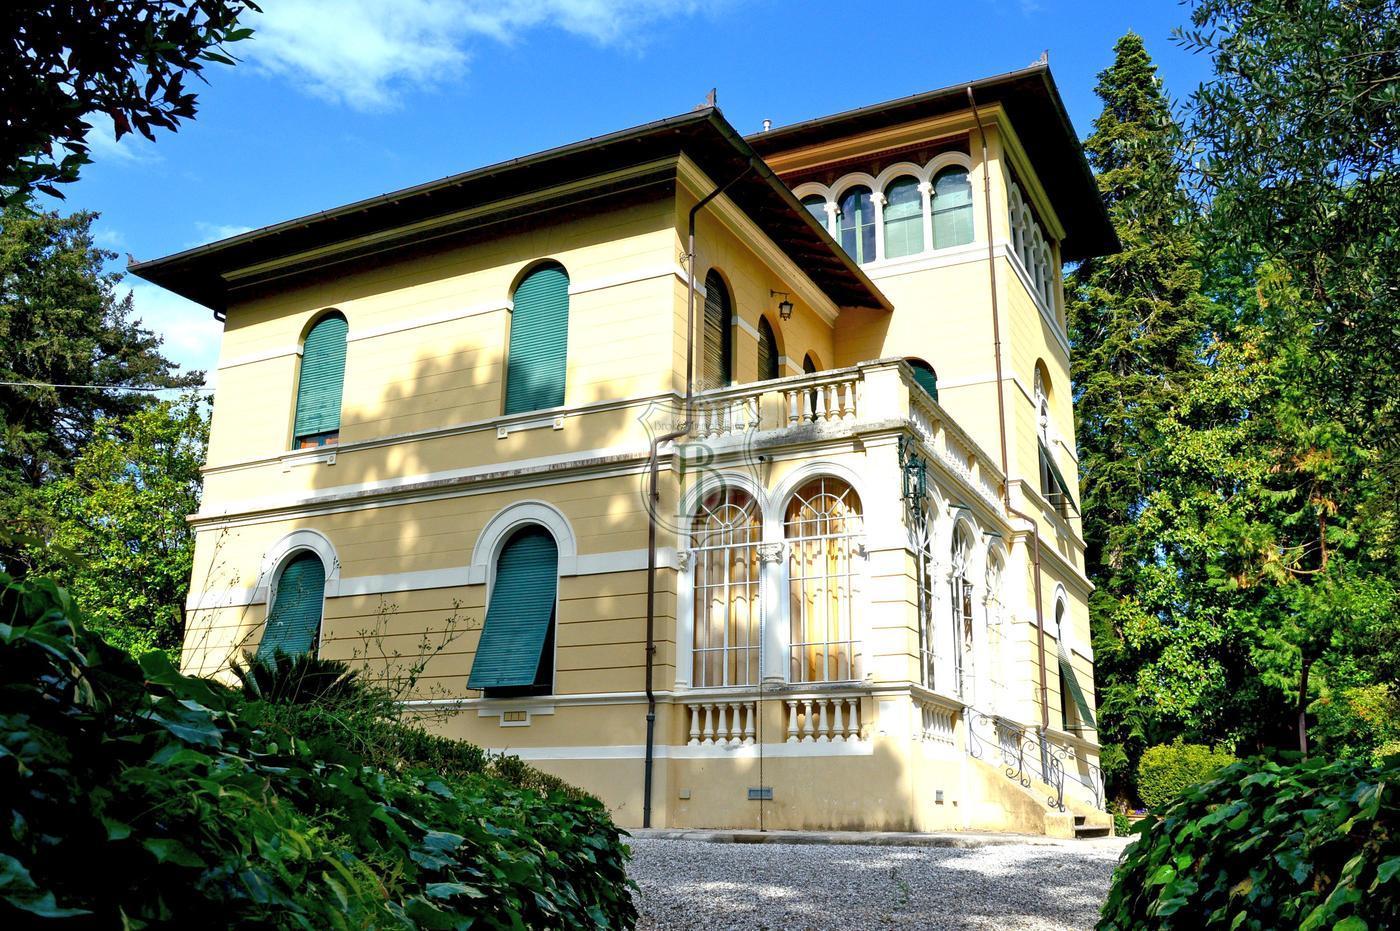 Deliziosa villa liberty in vendita sulle colline di lucca for Foto di ville